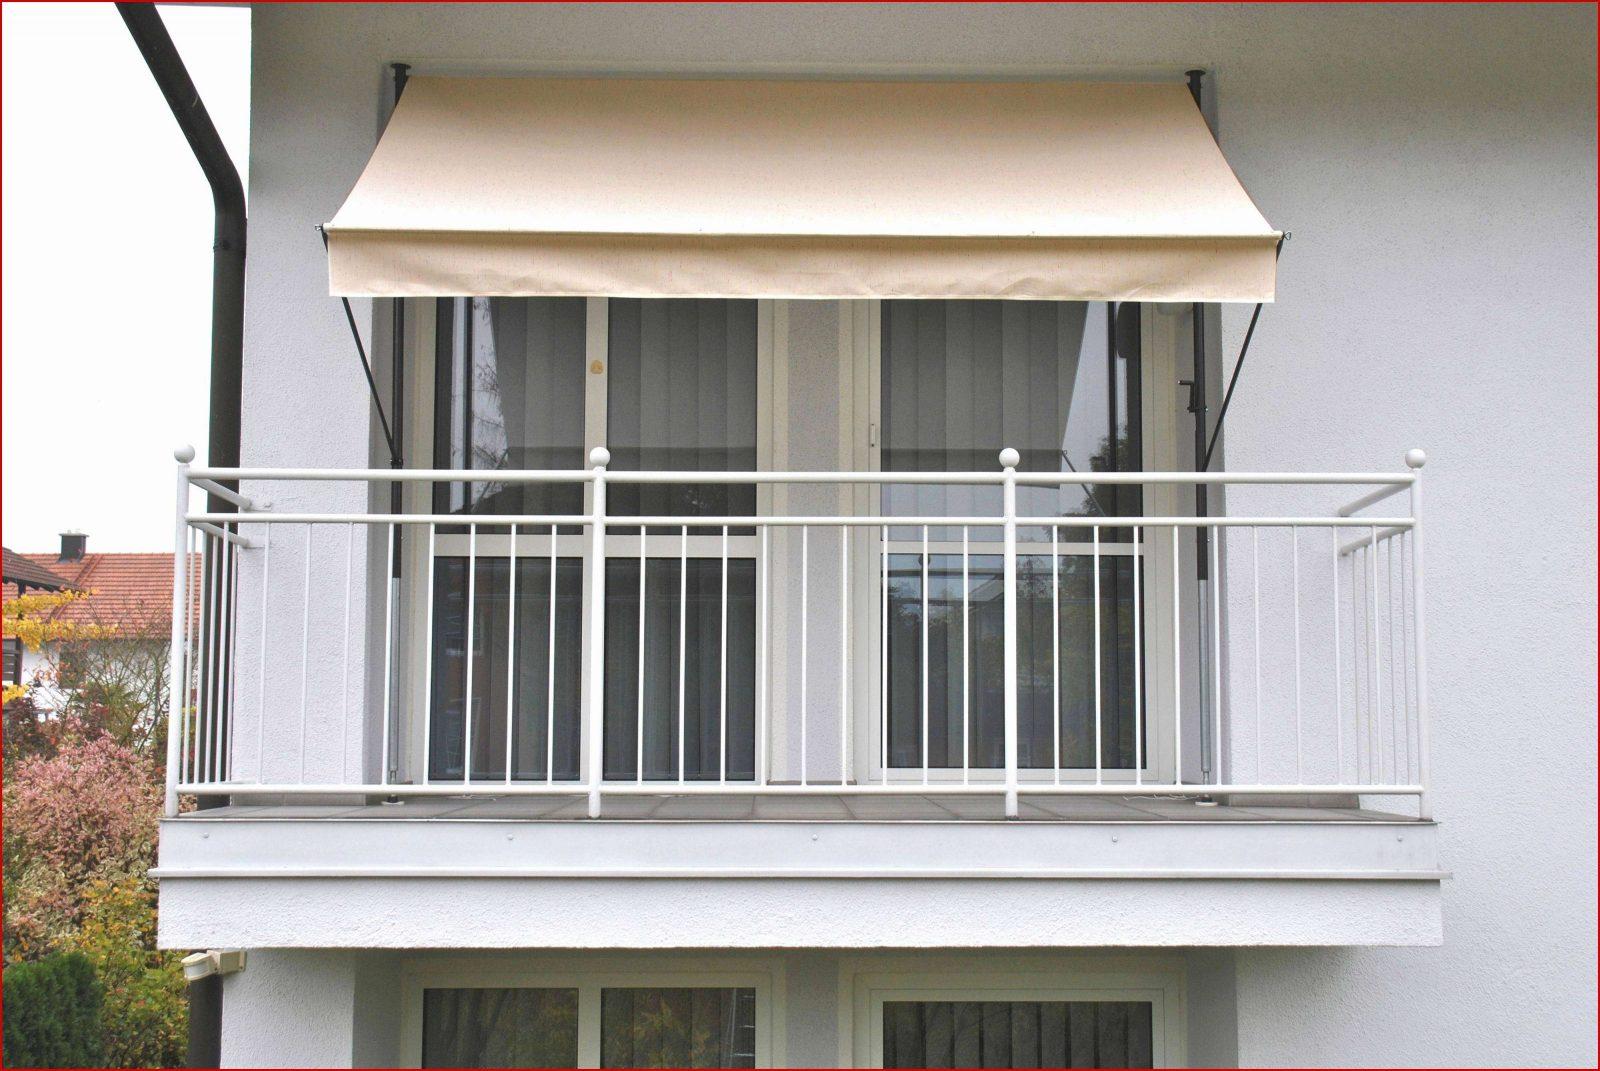 Frisch 41 Für Balkon Seitensichtschutz Ohne Bohren von Balkon Seitensichtschutz Ohne Bohren Photo